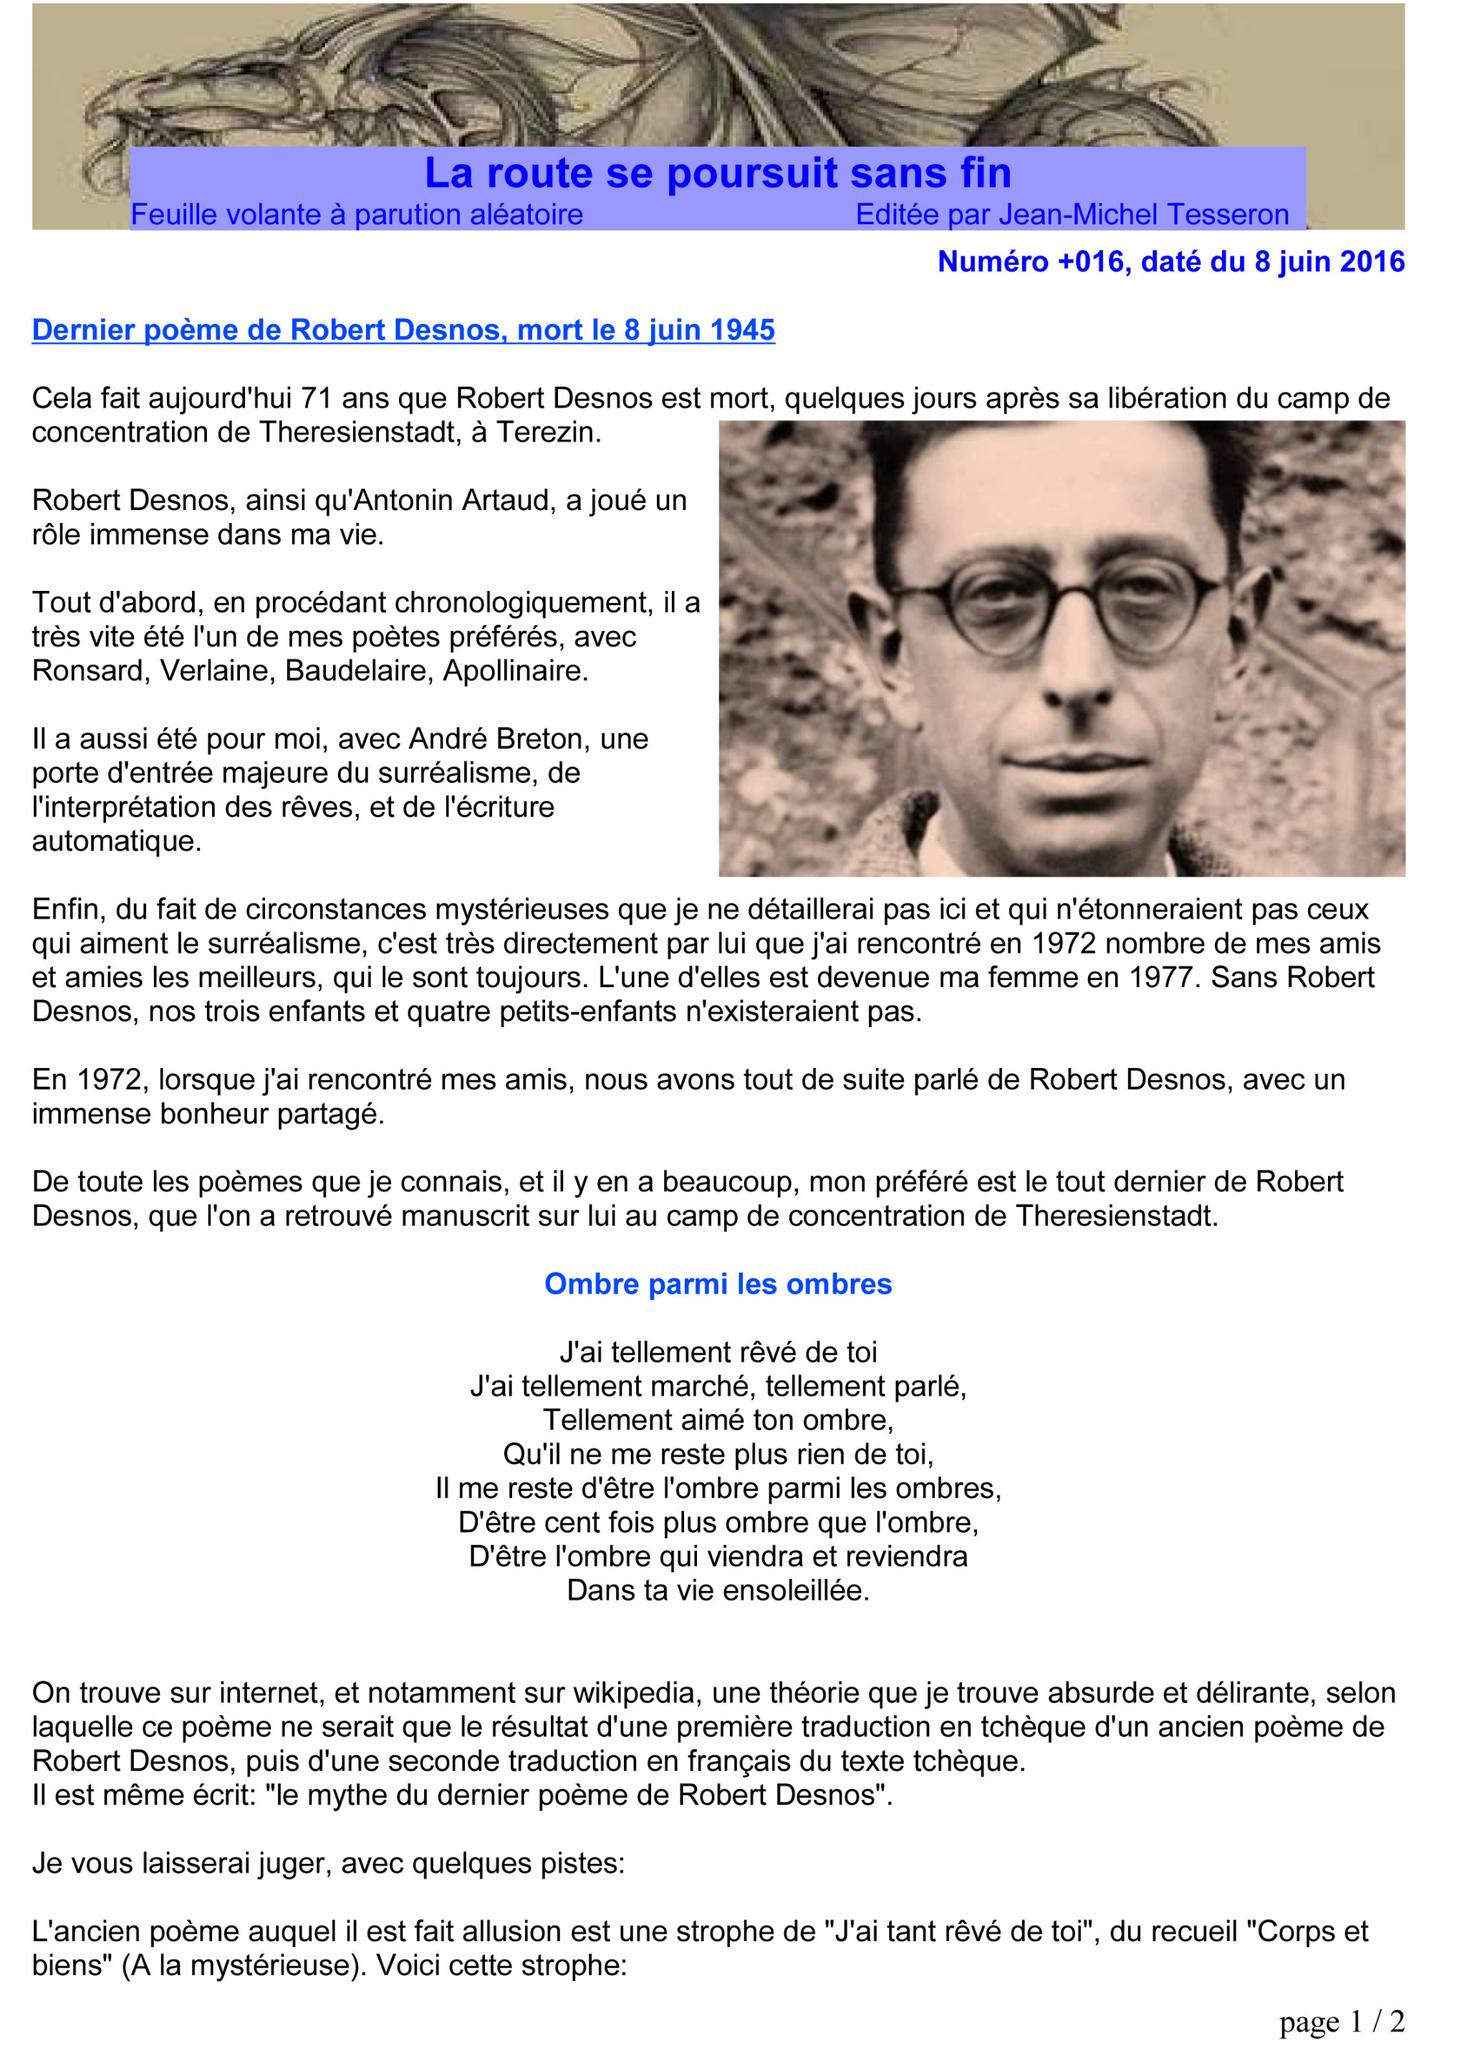 Dernier Poème De Robert Desnos, Mort Le 8 Juin 1945 - Jean dedans Poème De Robert Desnos